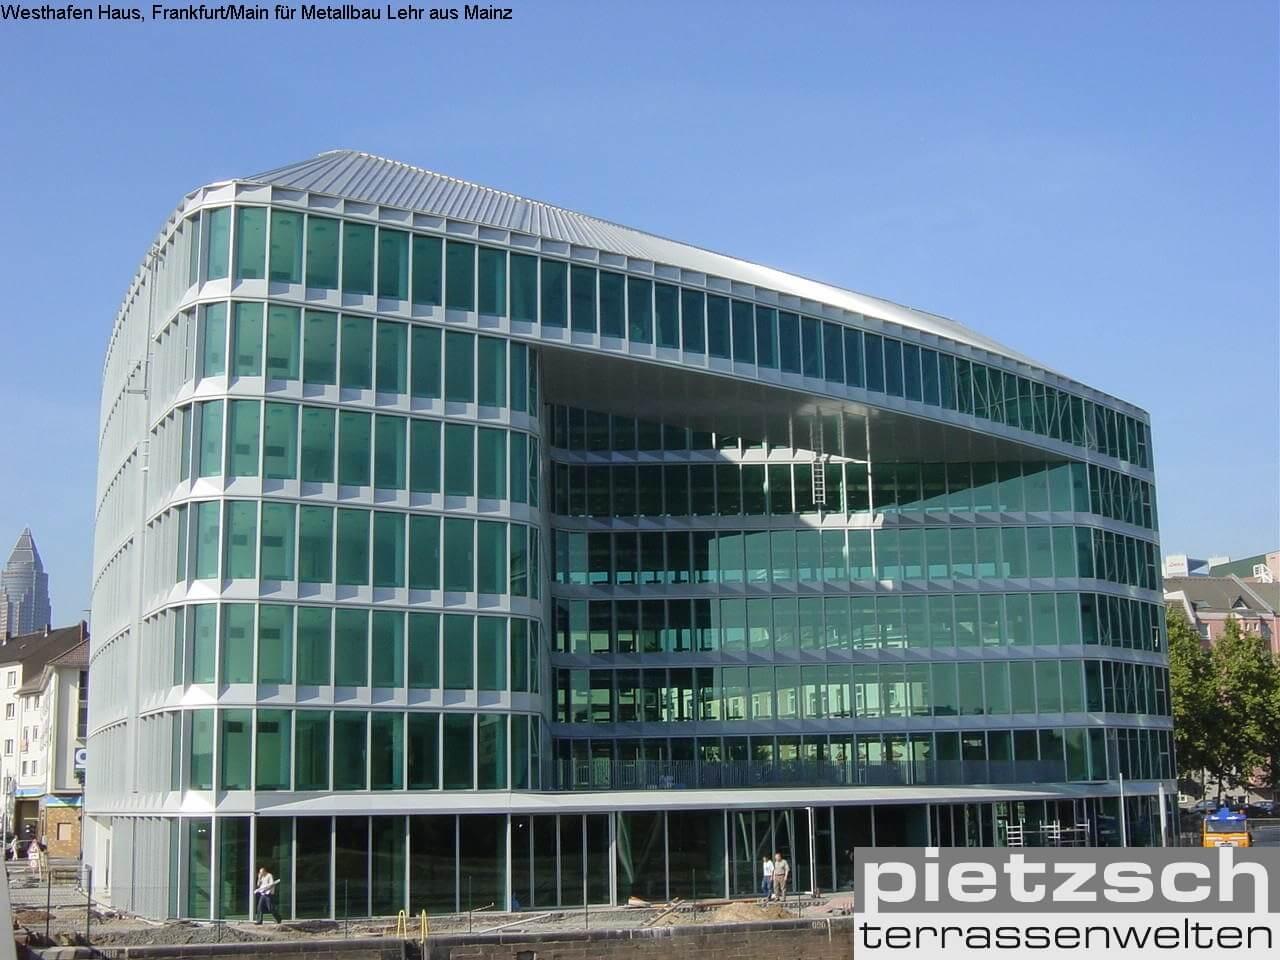 Glasfassade, Glasbau, Fenster, Türen, Fassade